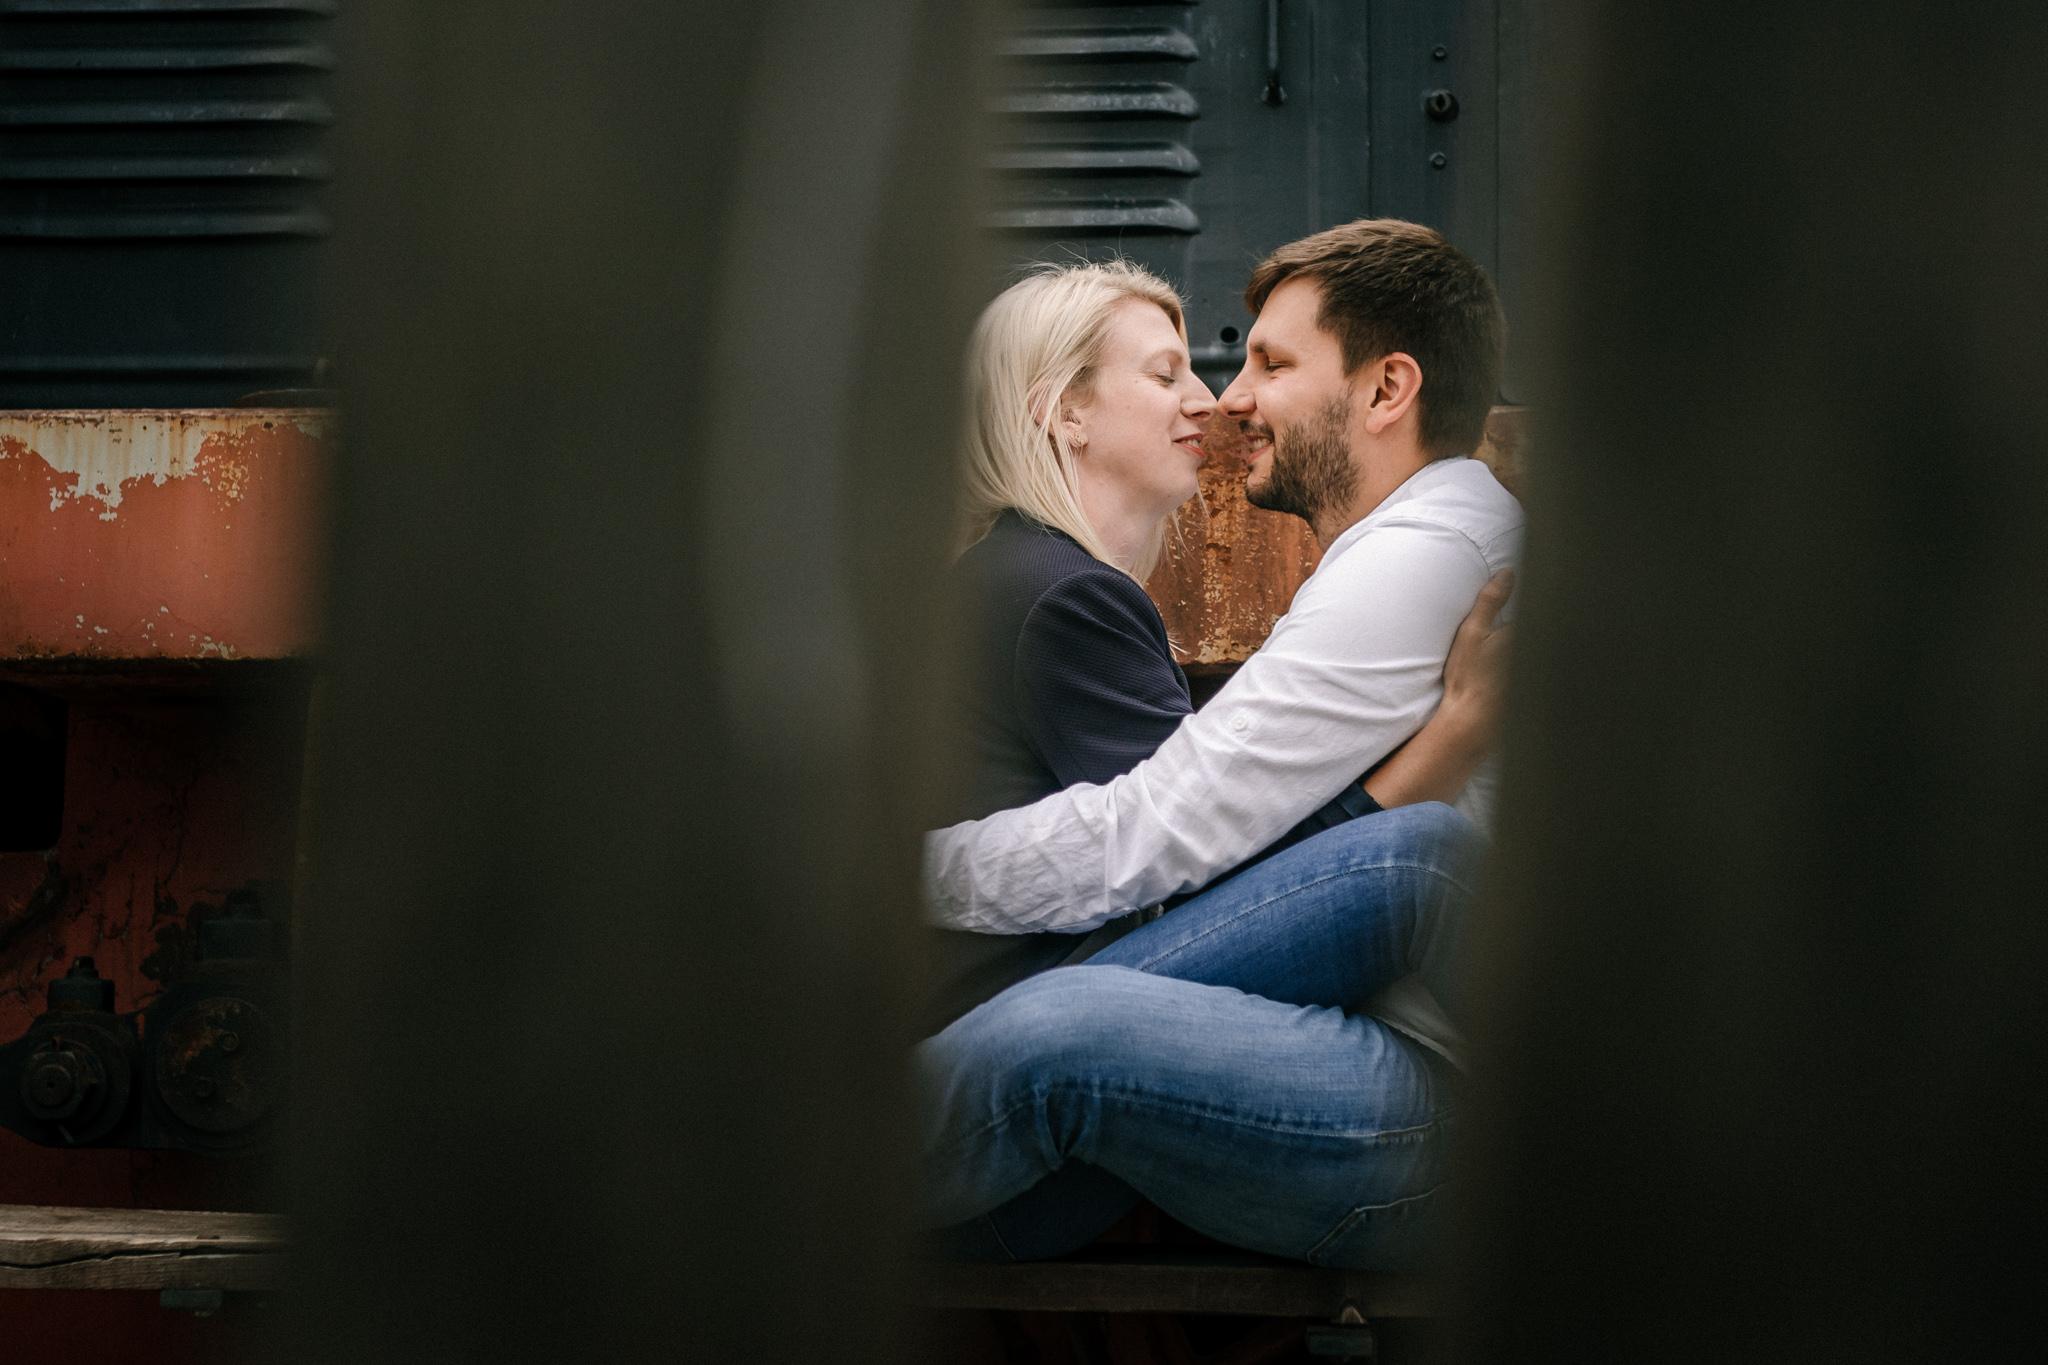 Hochzeitsfotograf, Sven Schomburg Hochzeitsfotografie, Coupleshooting, Brautpaar, Hochzeitspaar, Hamburg, Peking, Hafenmuseum Hamburg, Hochzeitstag, wahre Momente-22